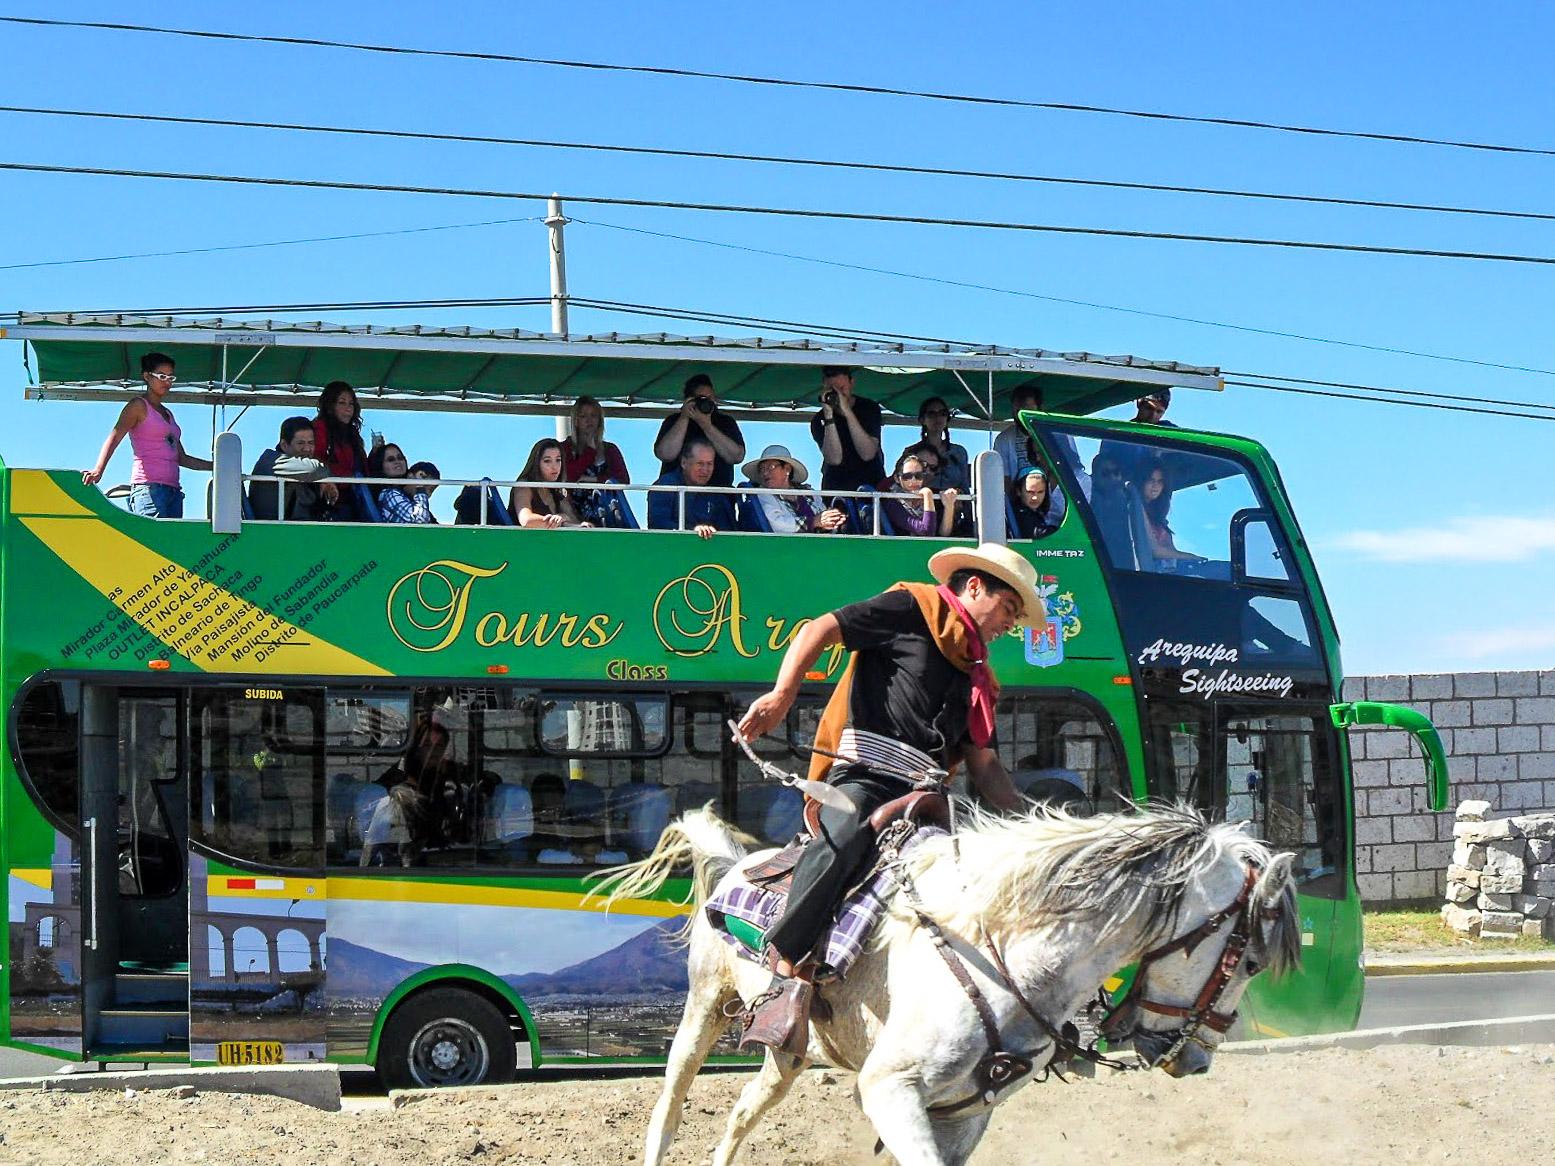 city-y-campina-tour-en-arequipa.jpg